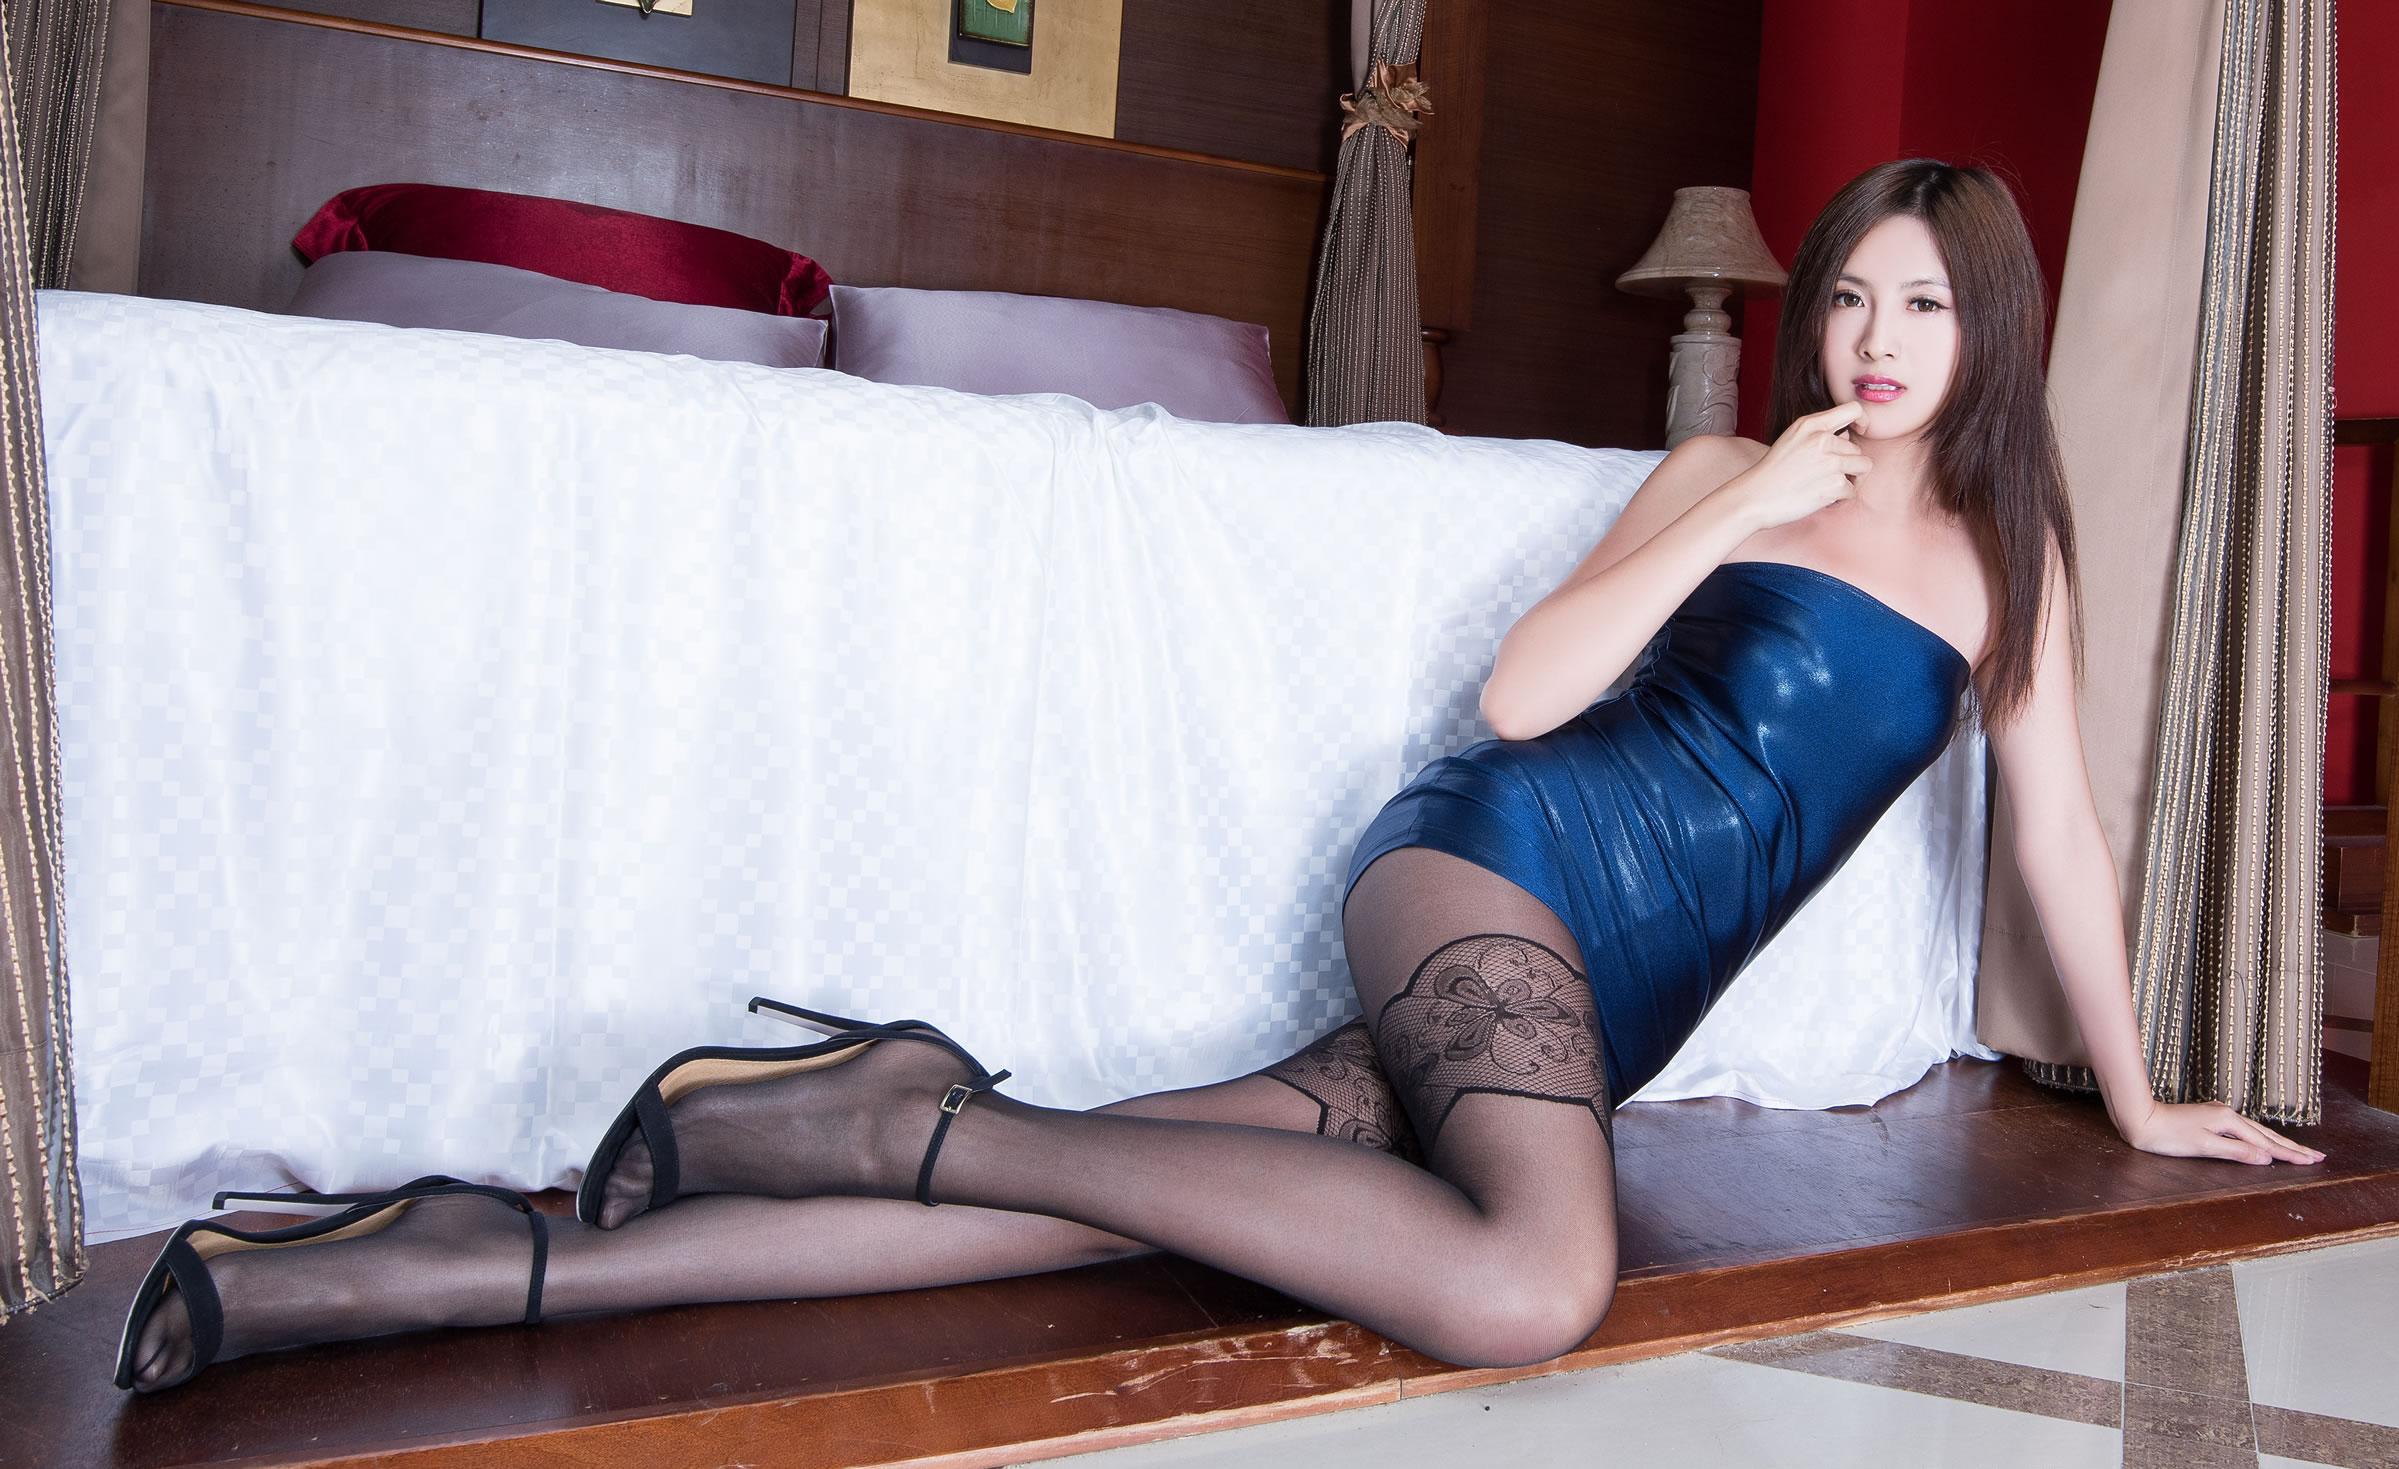 臺灣美女-简晓育3 - 花開有聲 - 花開有聲